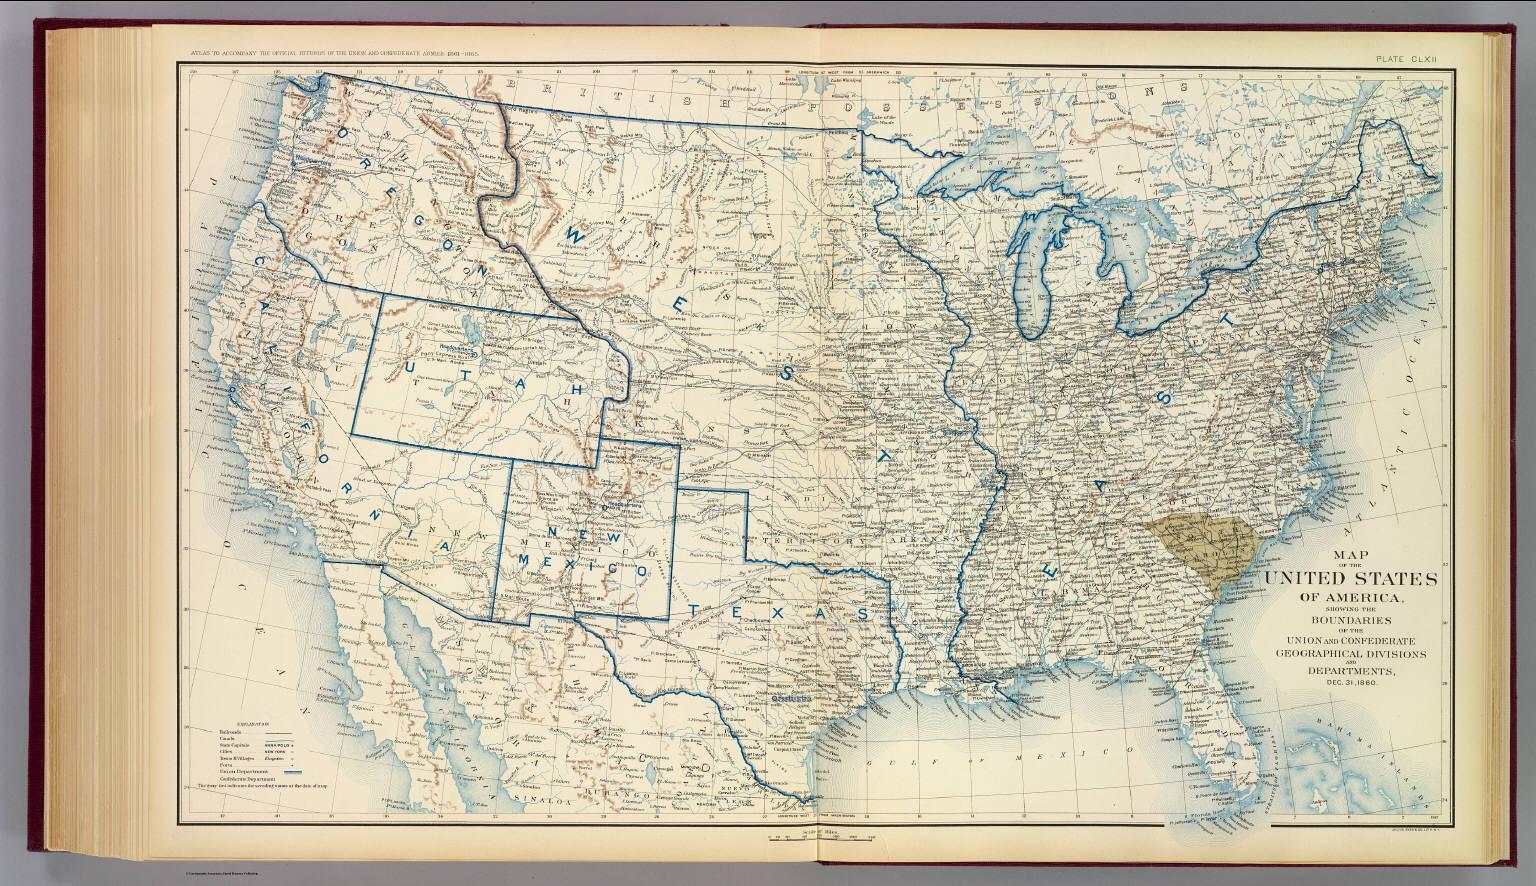 USA Dec 1860 USA Dec 1860 Map